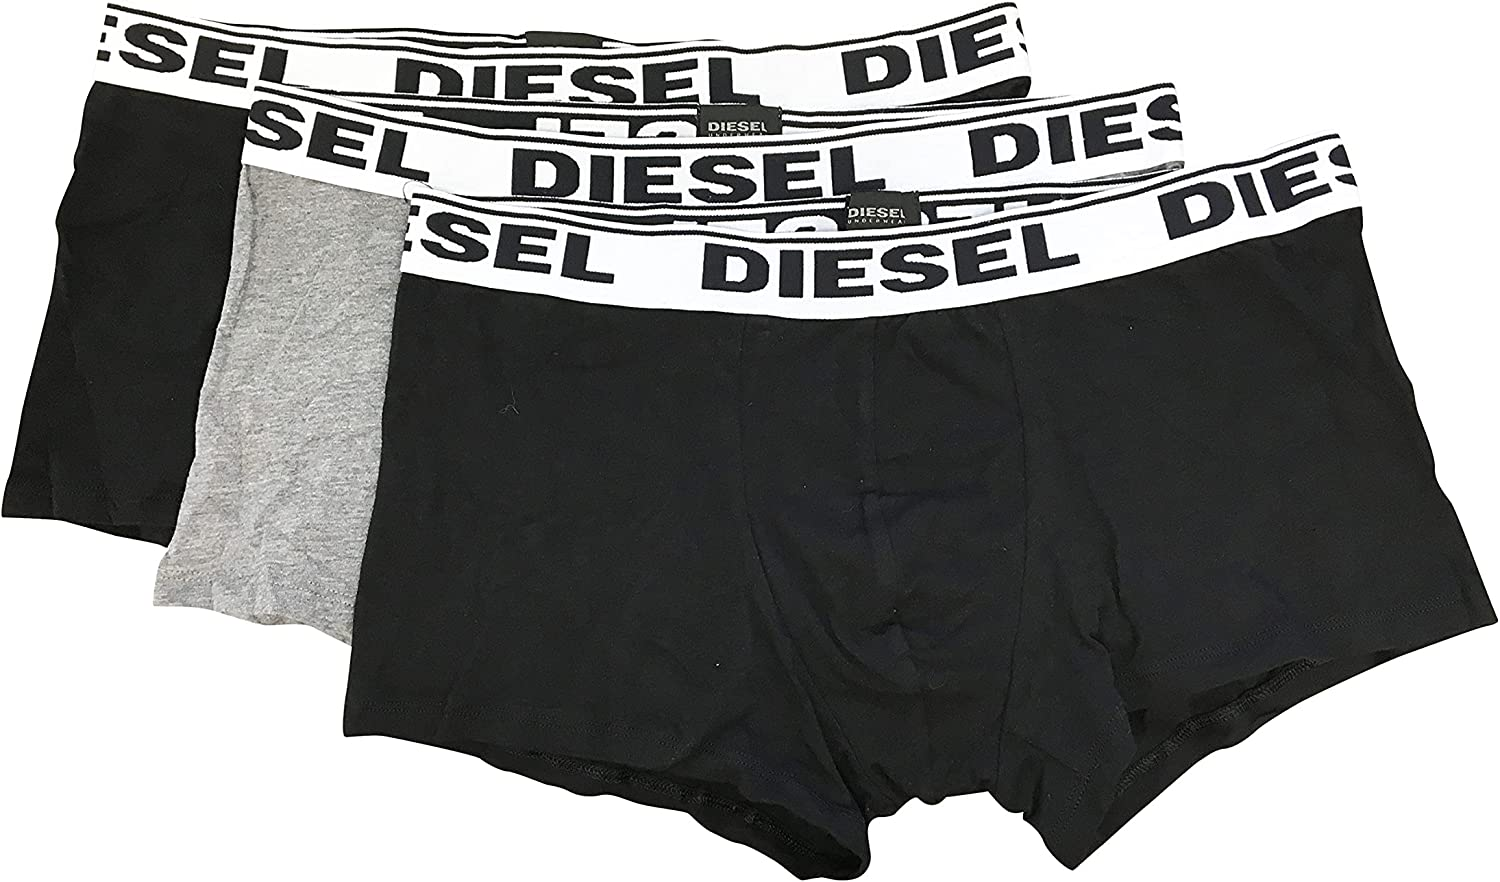 Diesel Men's Underwear Cotton/Elastane Blend Stretch Cotton, 3 Boxer